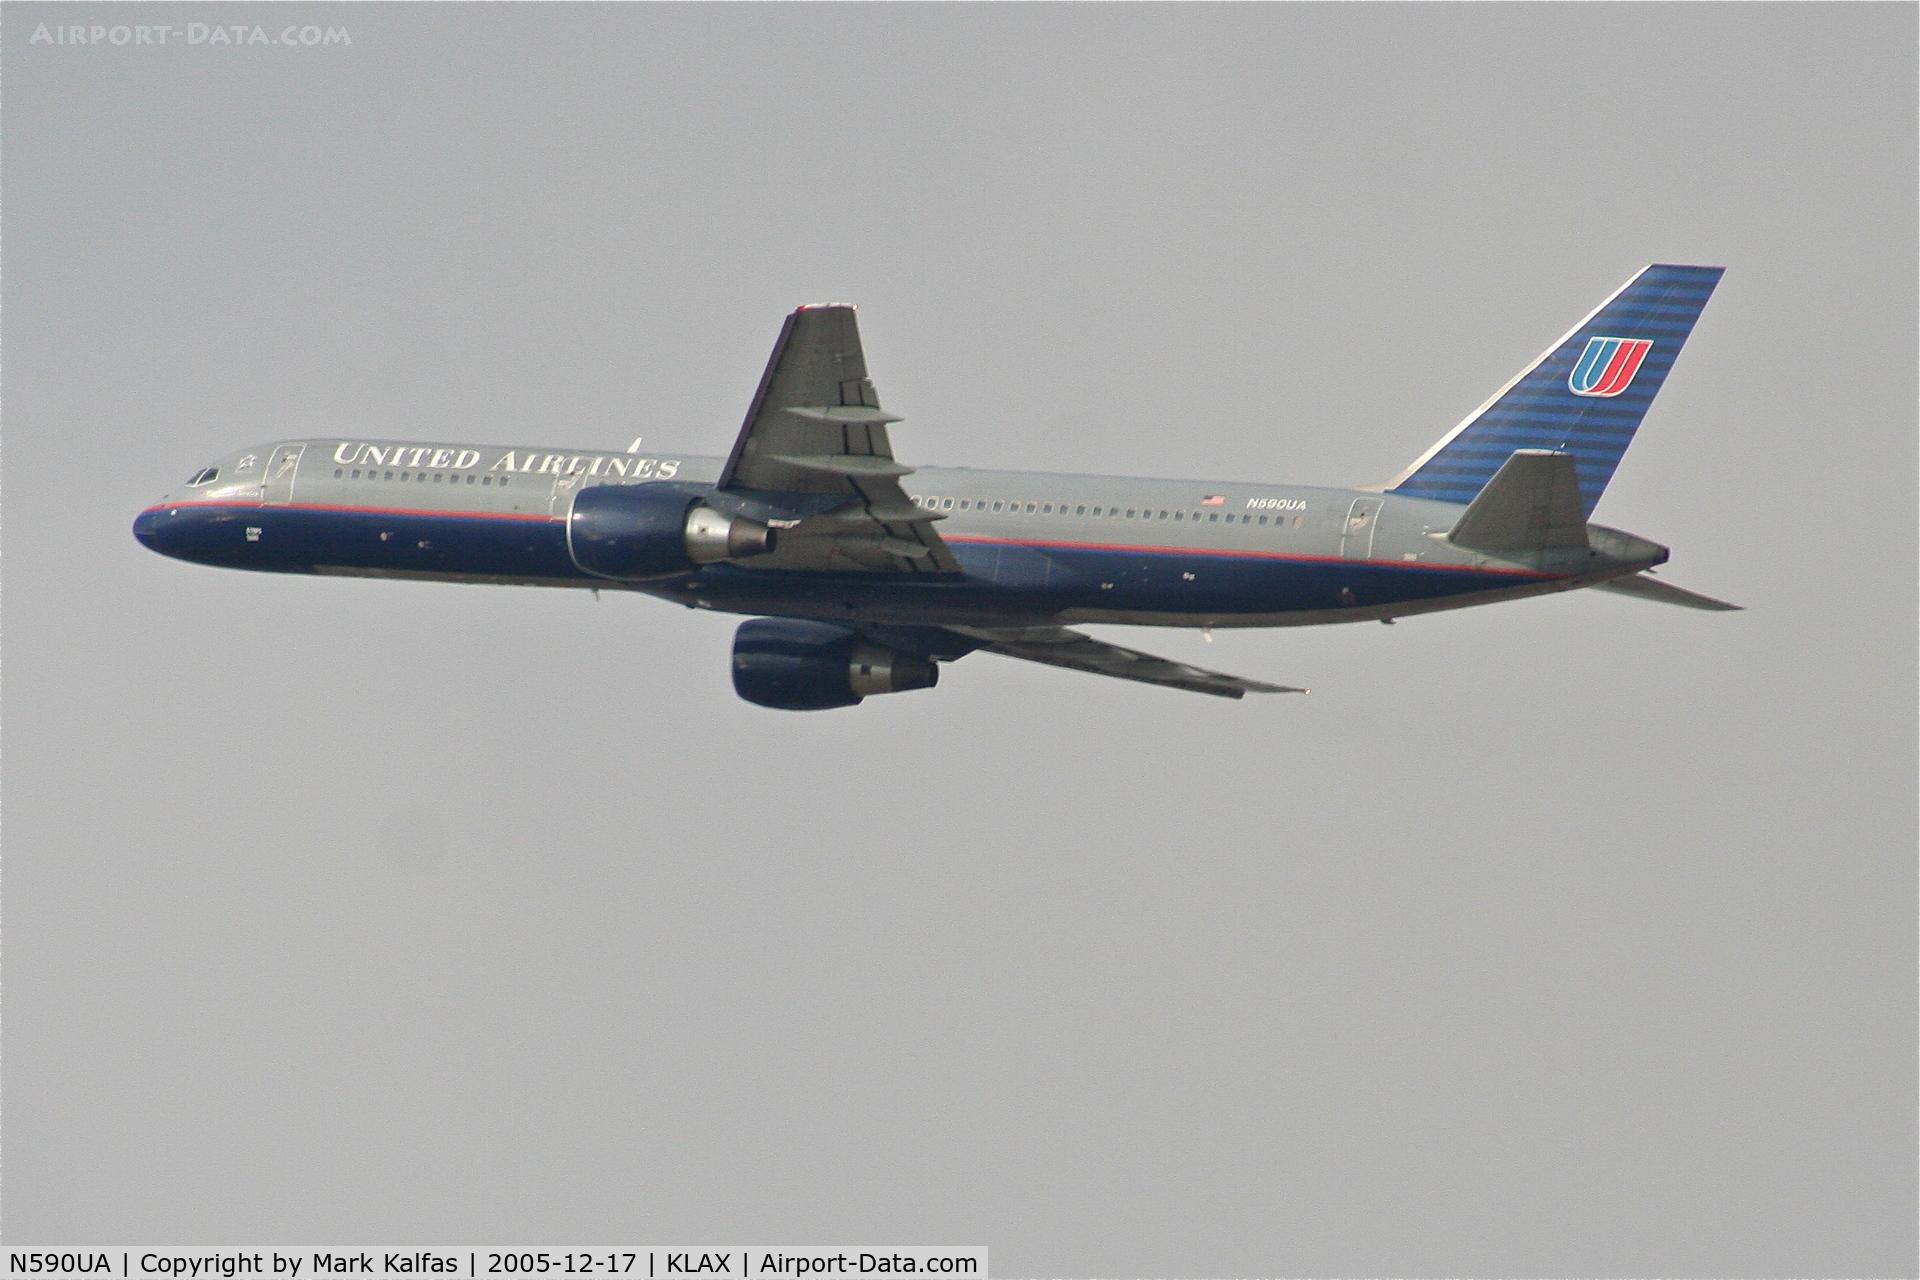 N590UA, 1997 Boeing 757-222 C/N 28708, United Airlines Boeing 757-222, N590UA departing RWY 25R LAX.